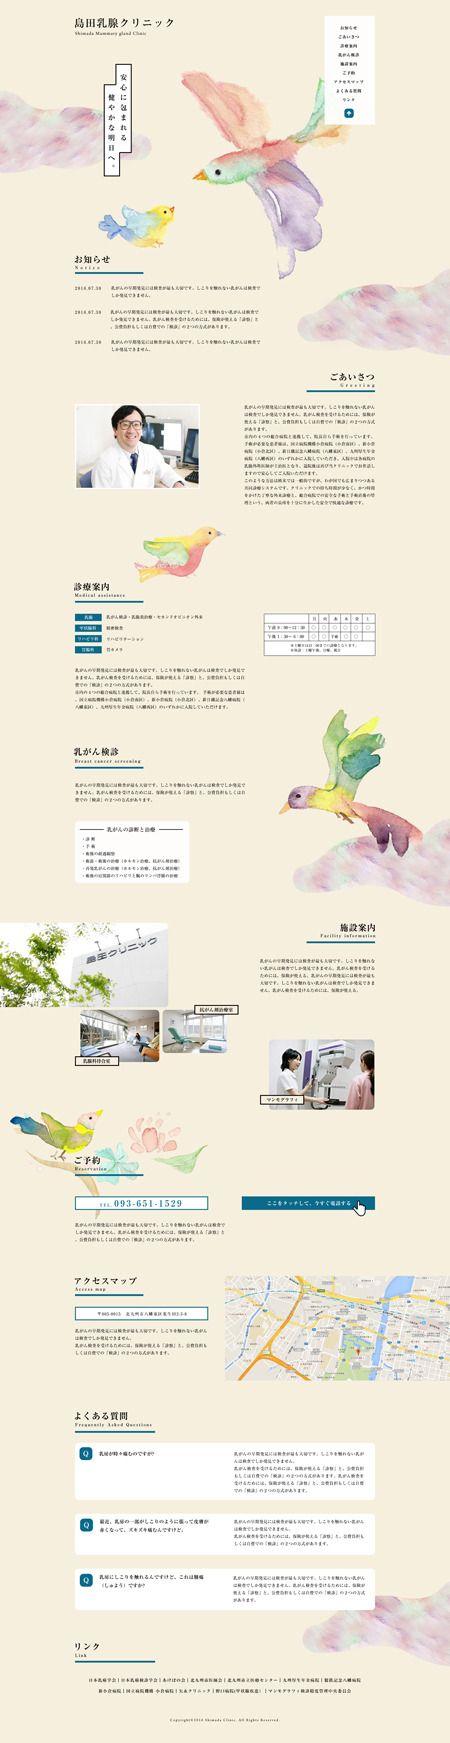 curry-manさんの提案 - 老舗乳腺クリニックのWEBトップページデザイン制作(レスポンシブ対応) | クラウドソーシング「ランサーズ」